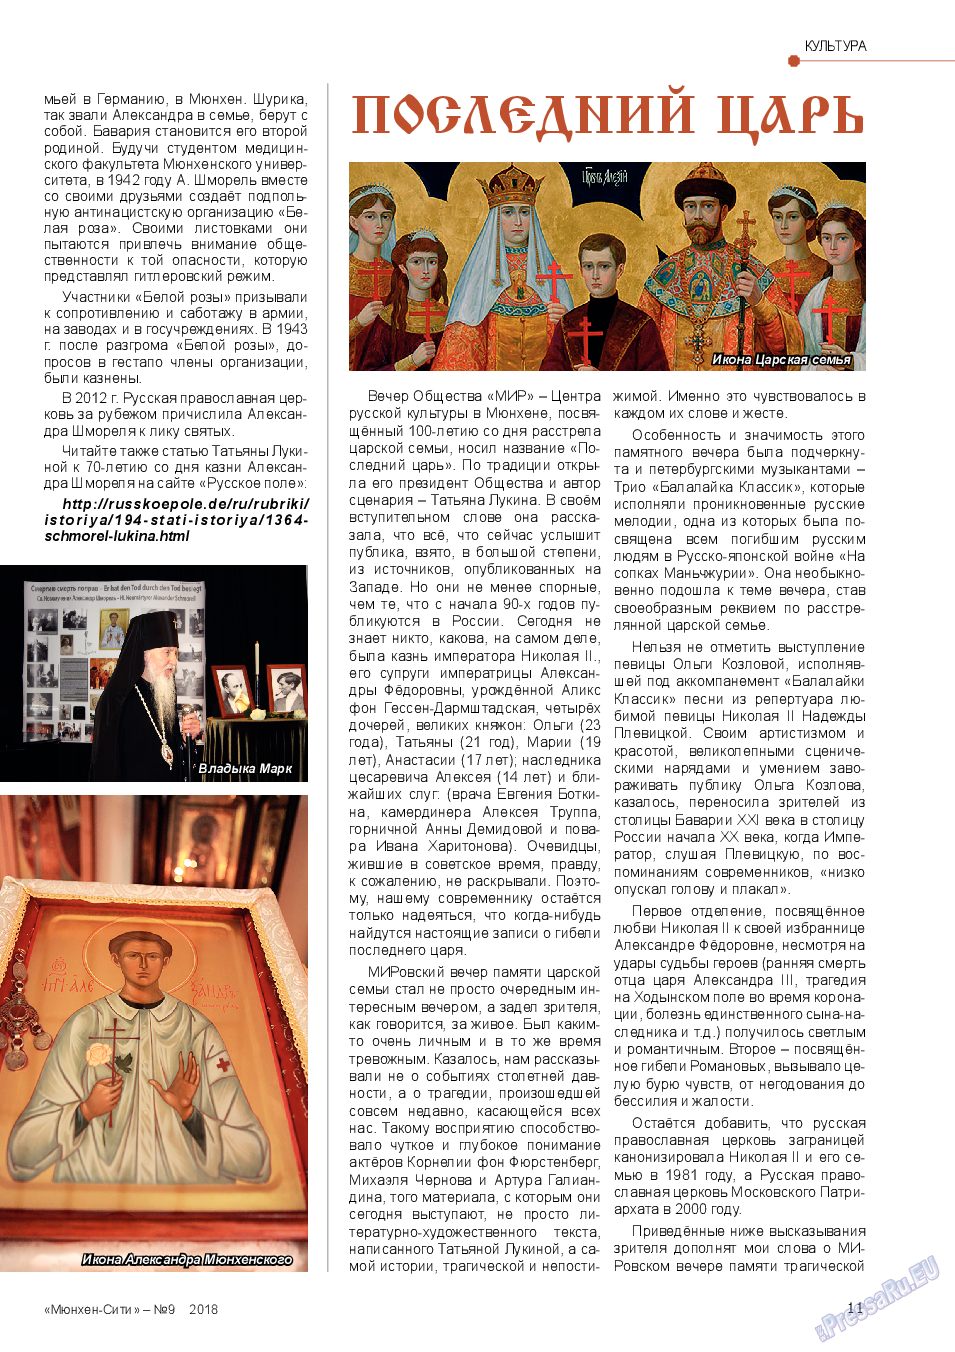 Мюнхен-сити (журнал). 2018 год, номер 9, стр. 11